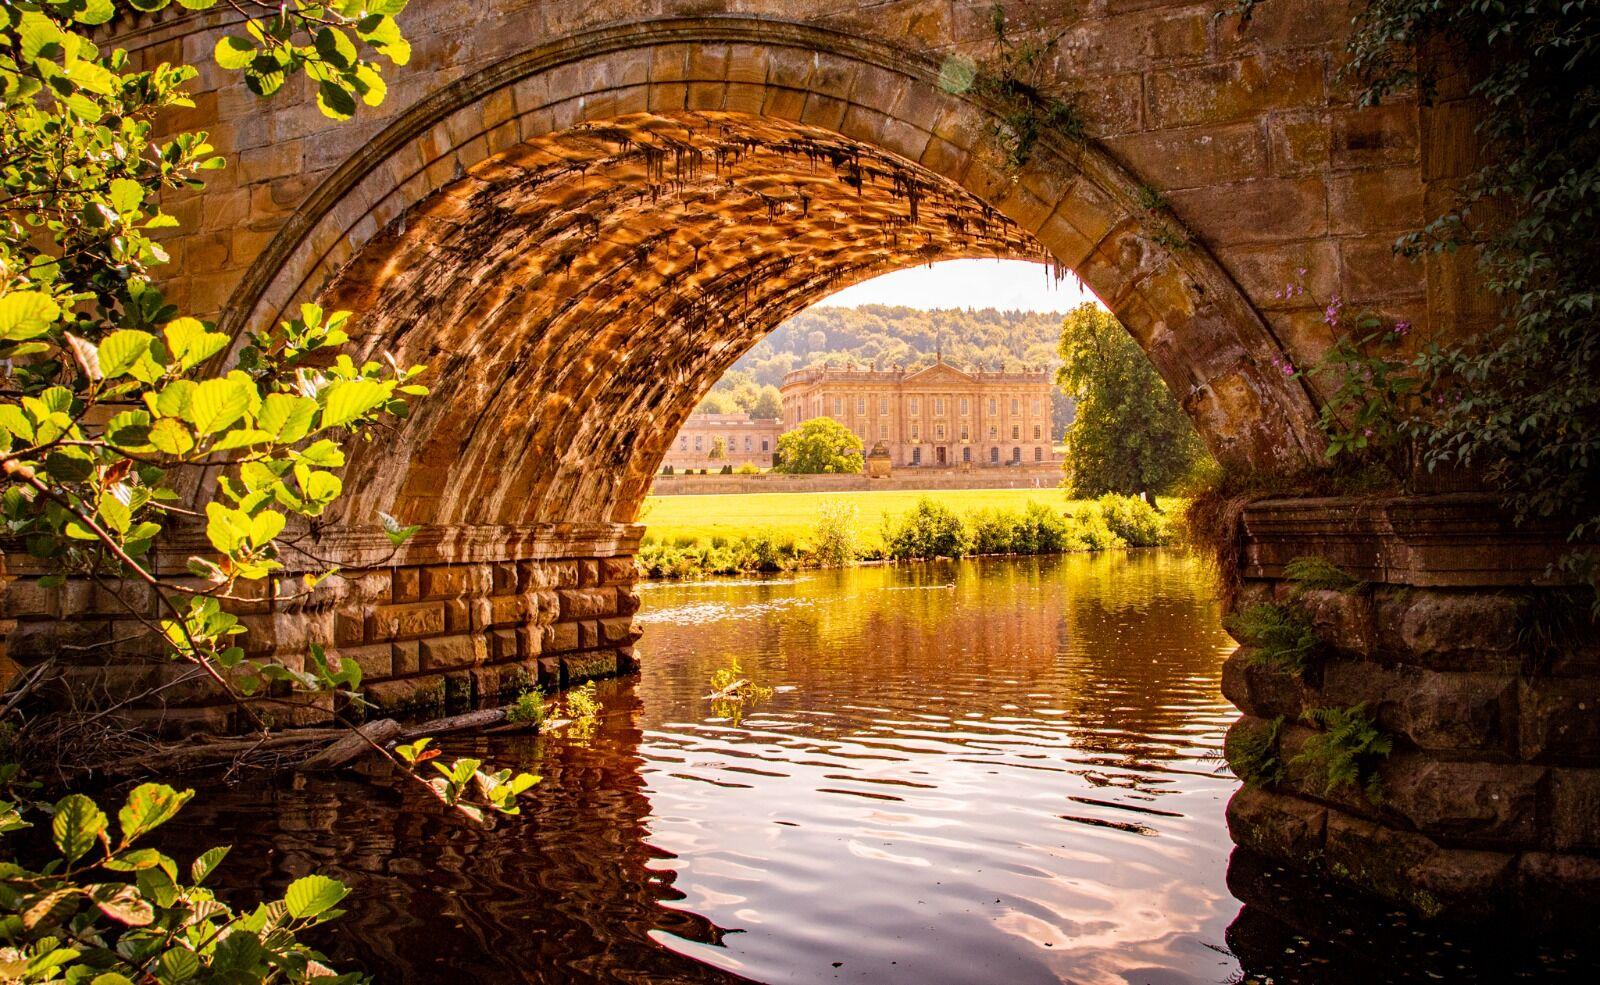 LIKE A BRIDGE OVER DERWENT WATER